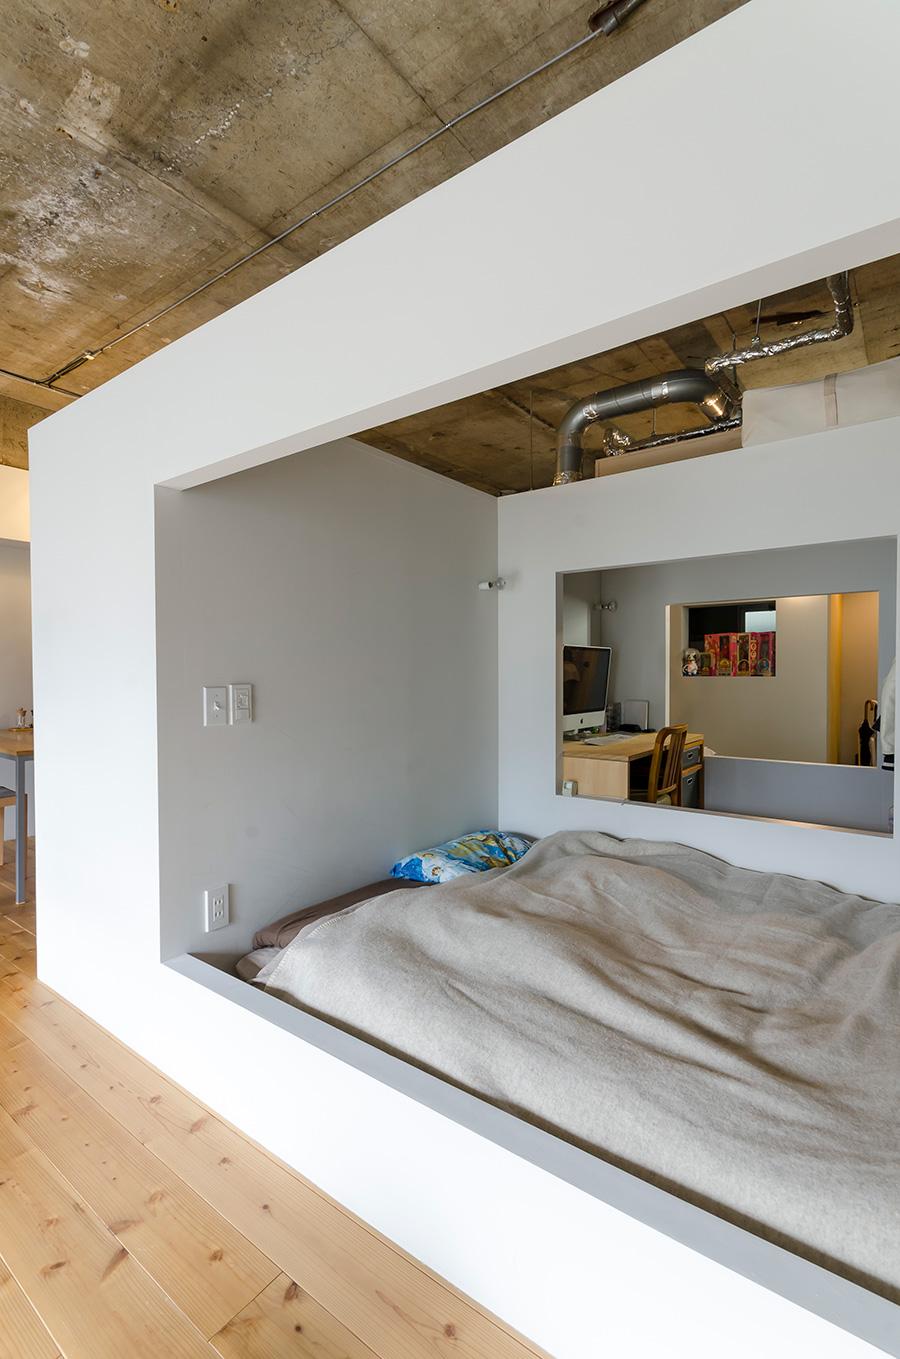 ベッドルームには天井の壁を作らず、開放感を演出。